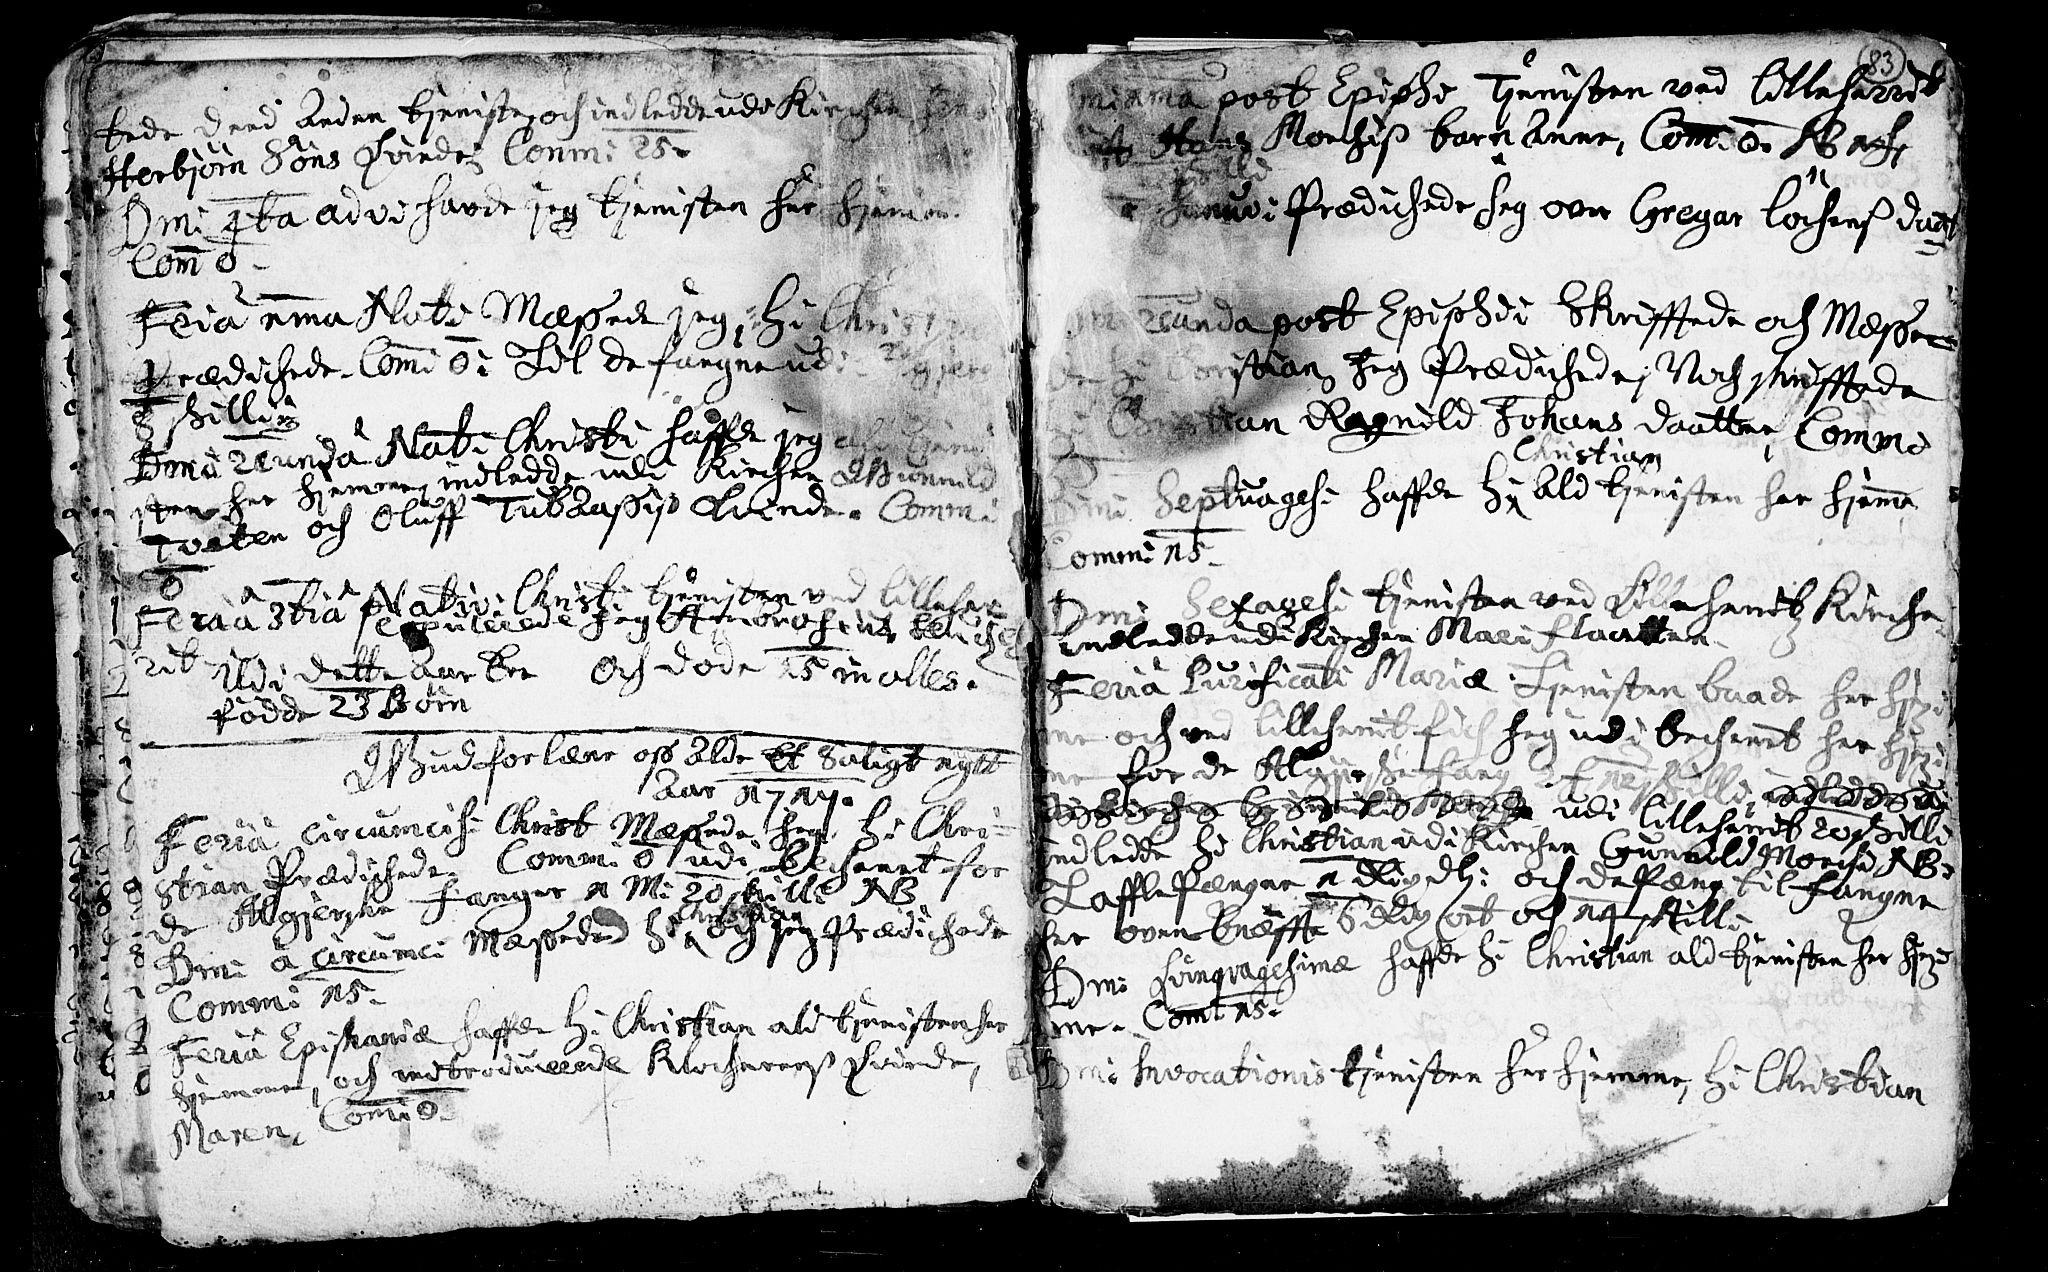 SAKO, Heddal kirkebøker, F/Fa/L0002: Ministerialbok nr. I 2, 1699-1722, s. 83